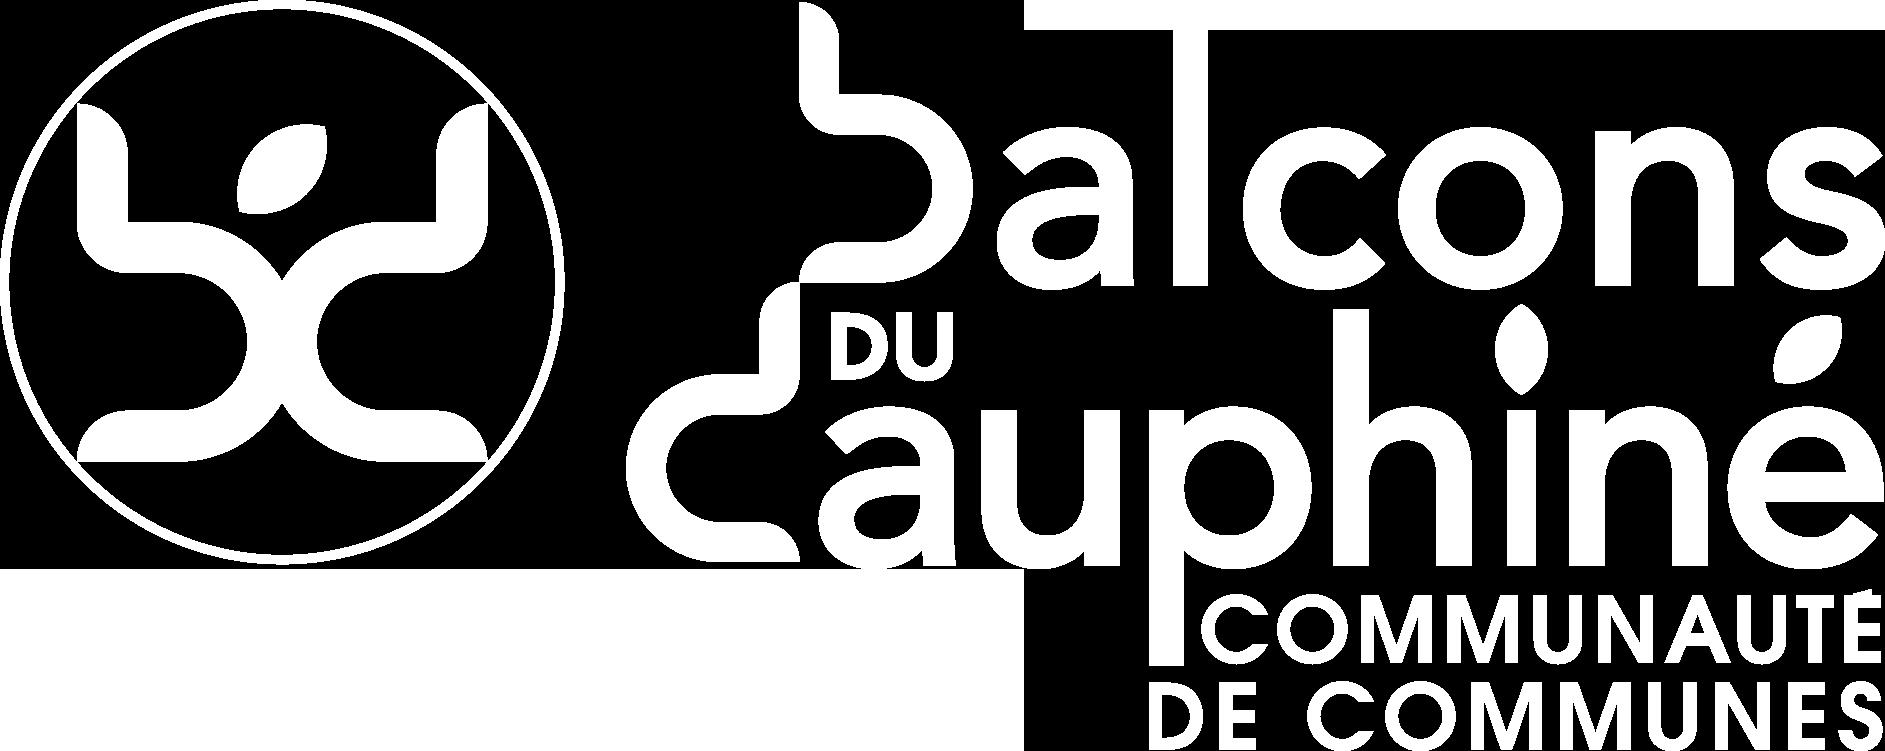 Les Balcons du Dauphiné